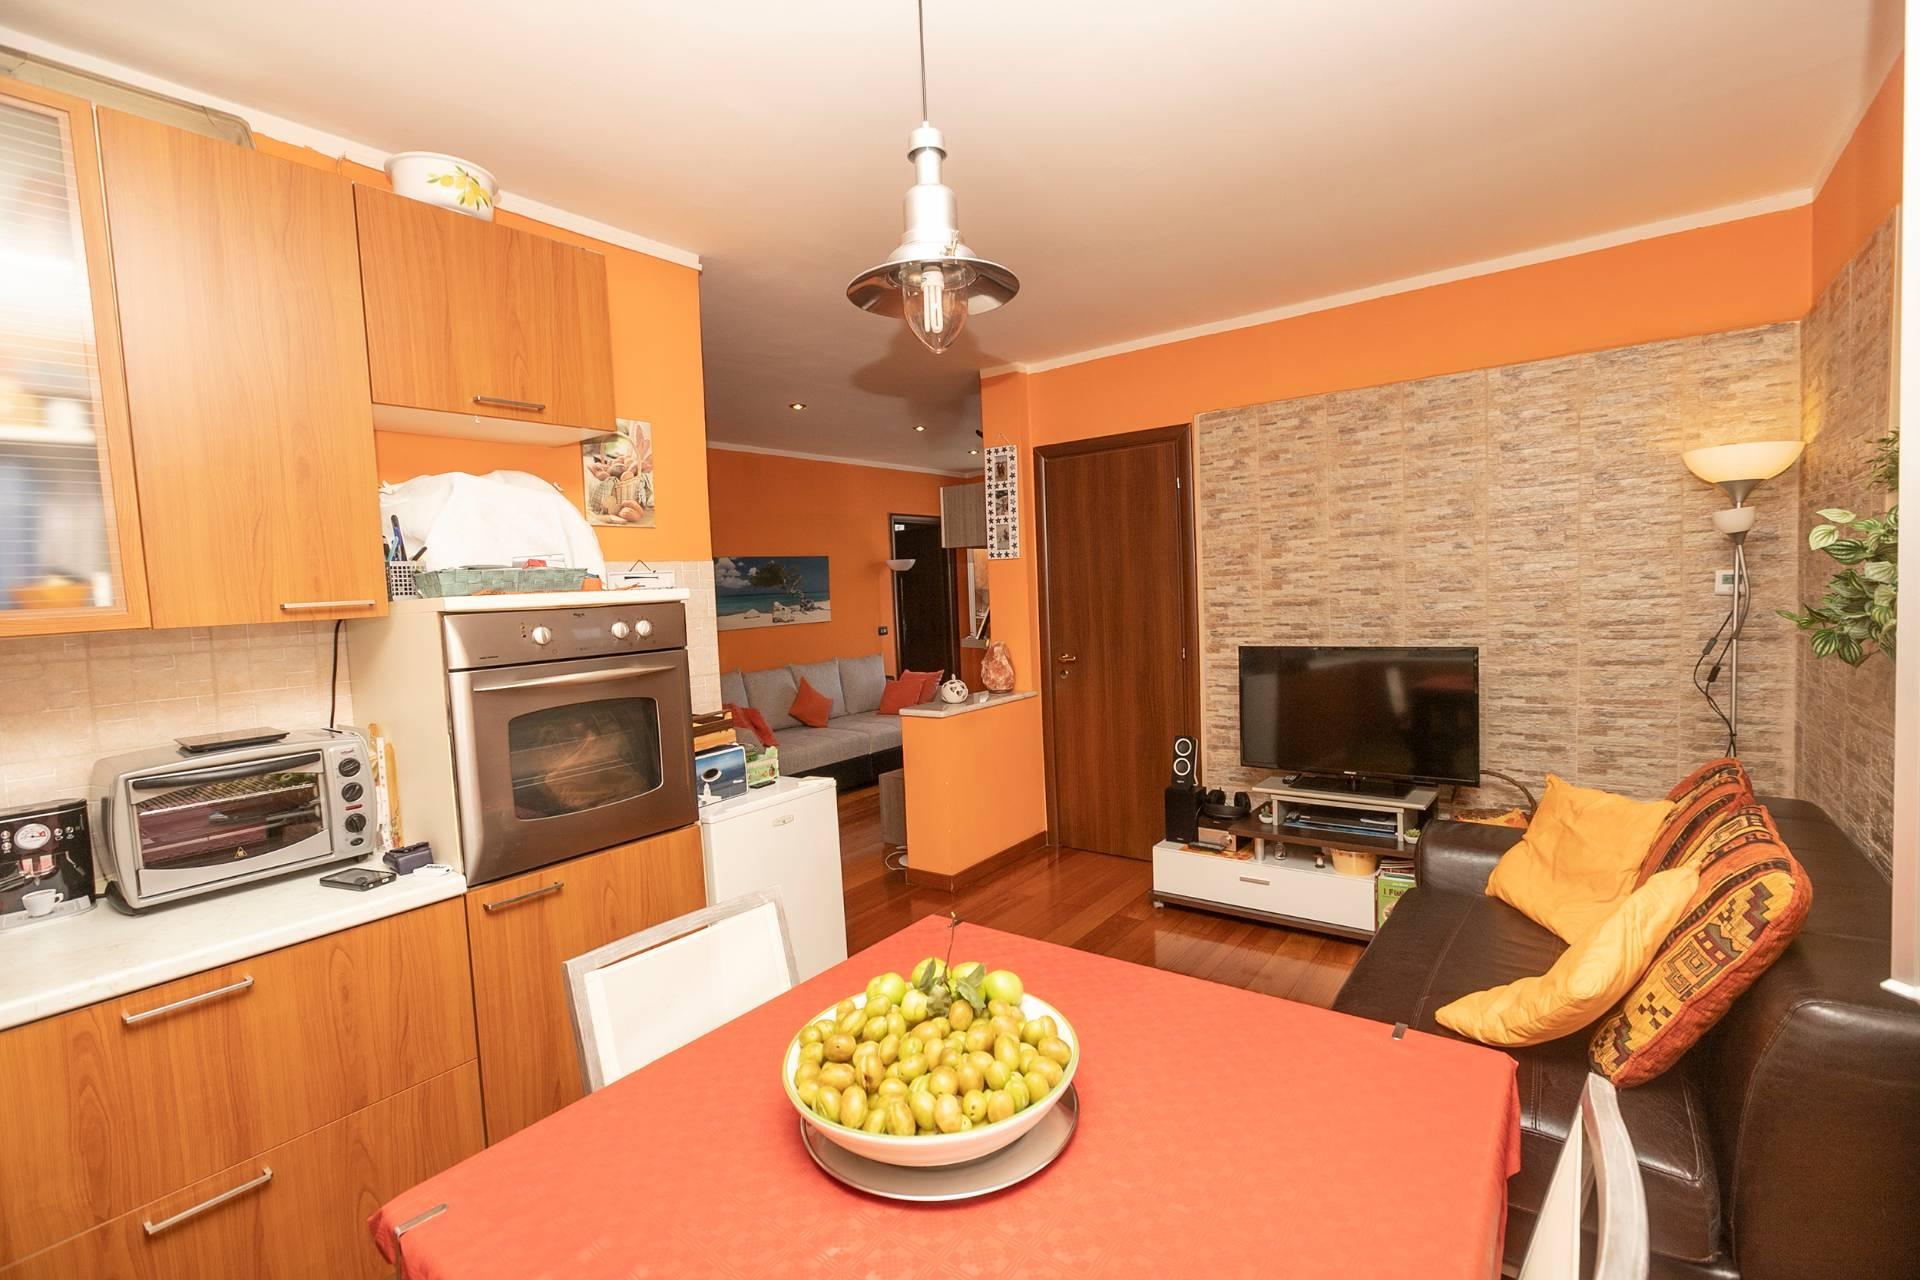 Appartamento GENOVA vendita  Cornigliano  Immobiliare Le Riviere S.r.l.